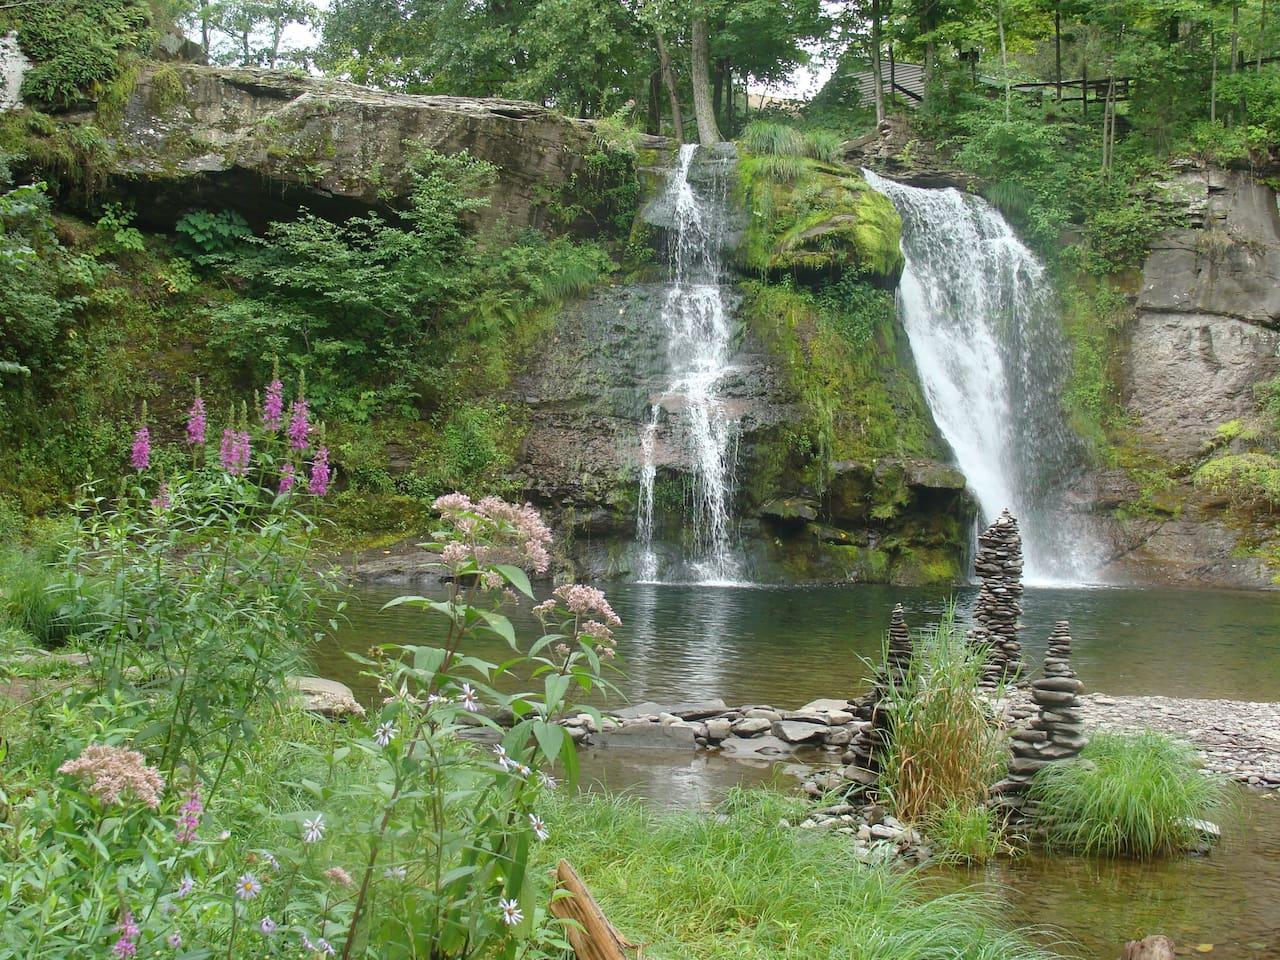 Shinglekill Falls in August